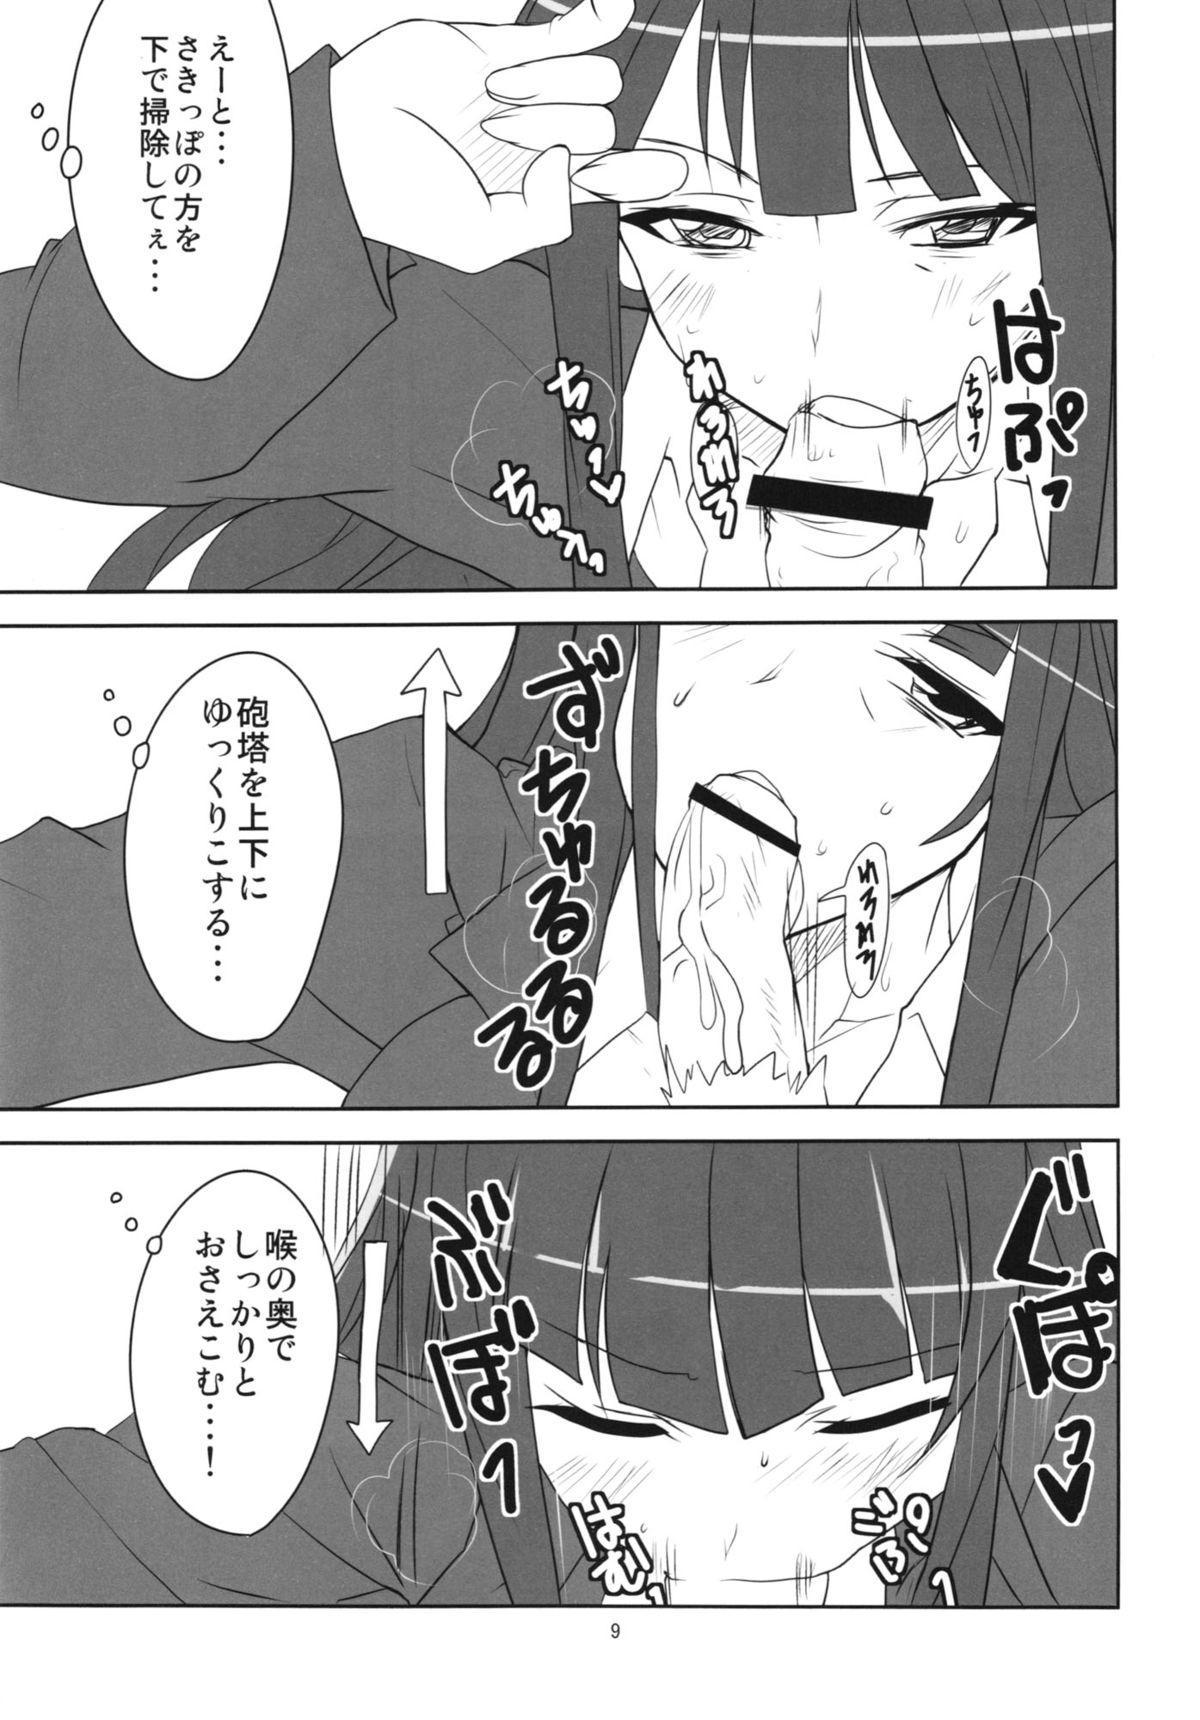 Yoru no Nishizumi ryuu 10